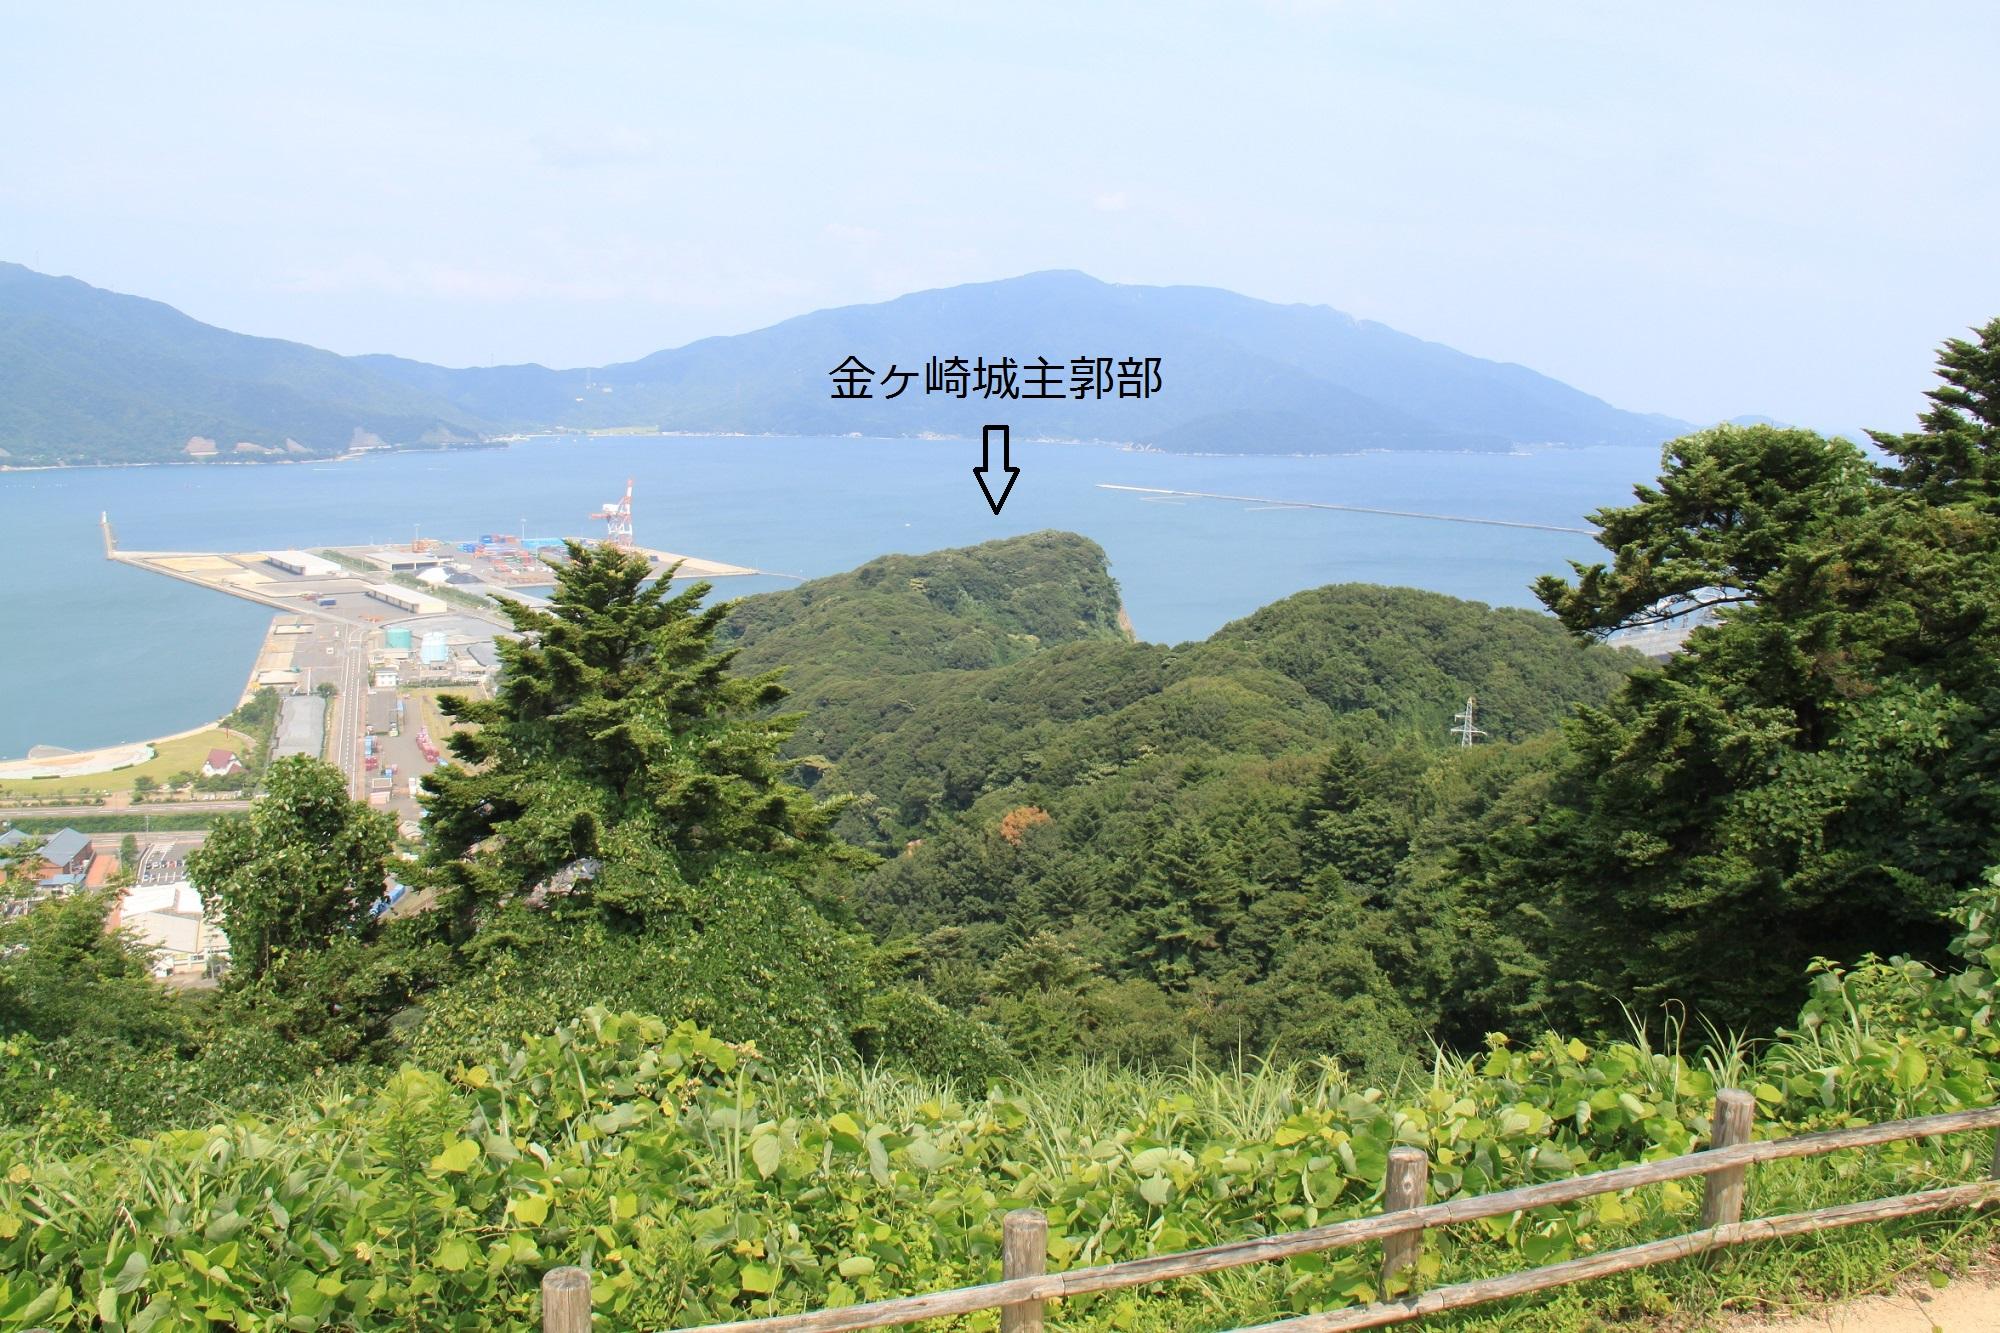 kanegasaki (1)